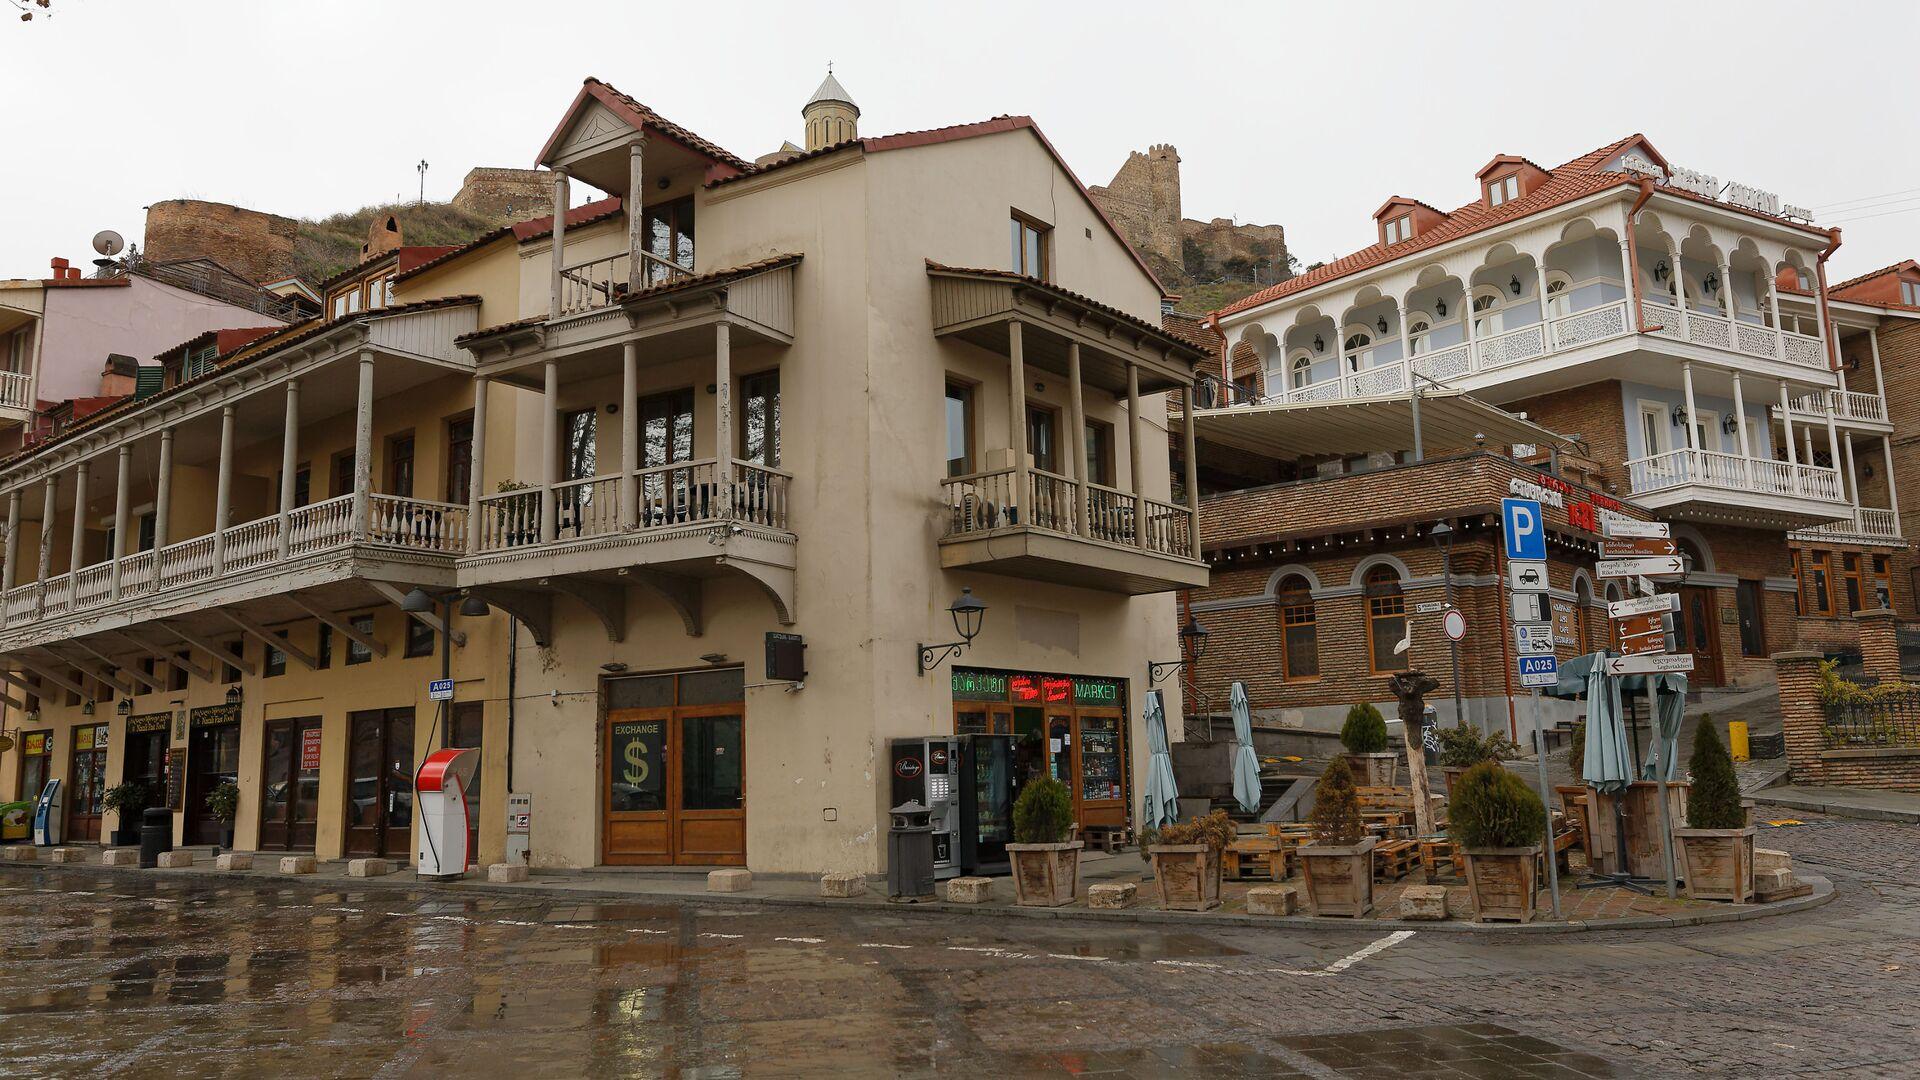 Тбилиси в пасмурную погоду - район Абанотубани и Калаубани. Городская архитектура, старые дома - Sputnik Грузия, 1920, 13.09.2021